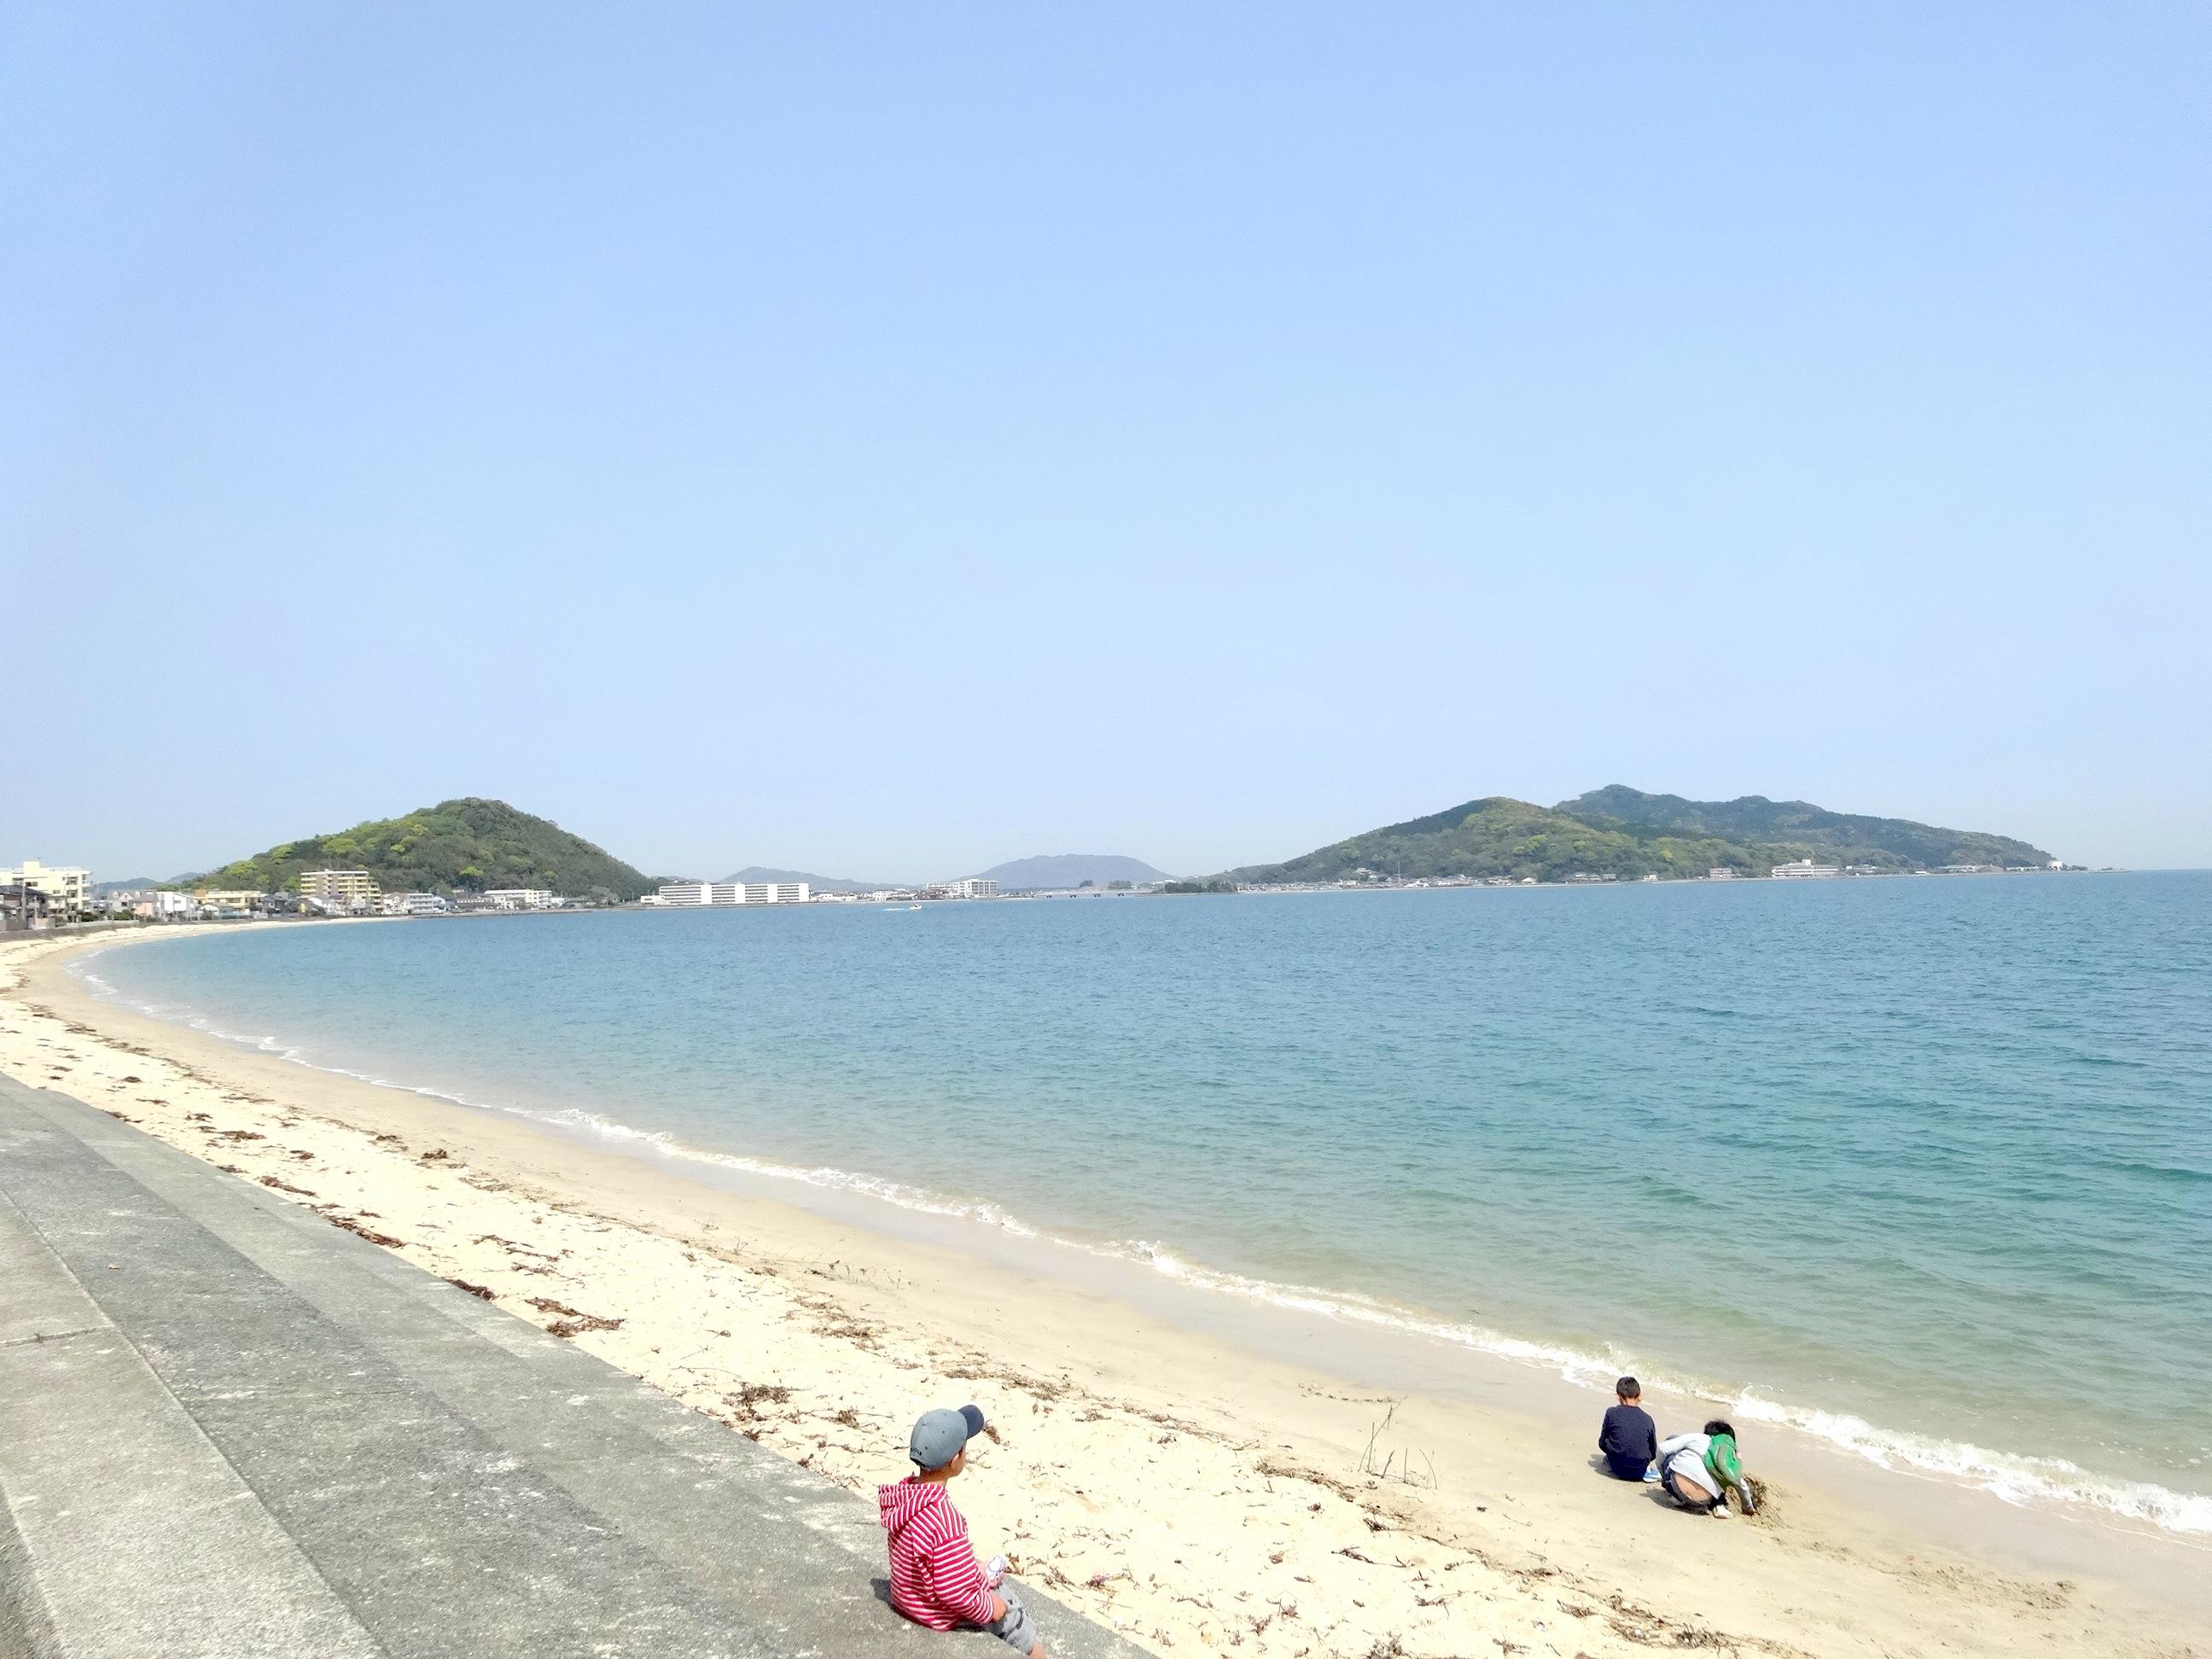 移住先のオフィス前に広がる青い海